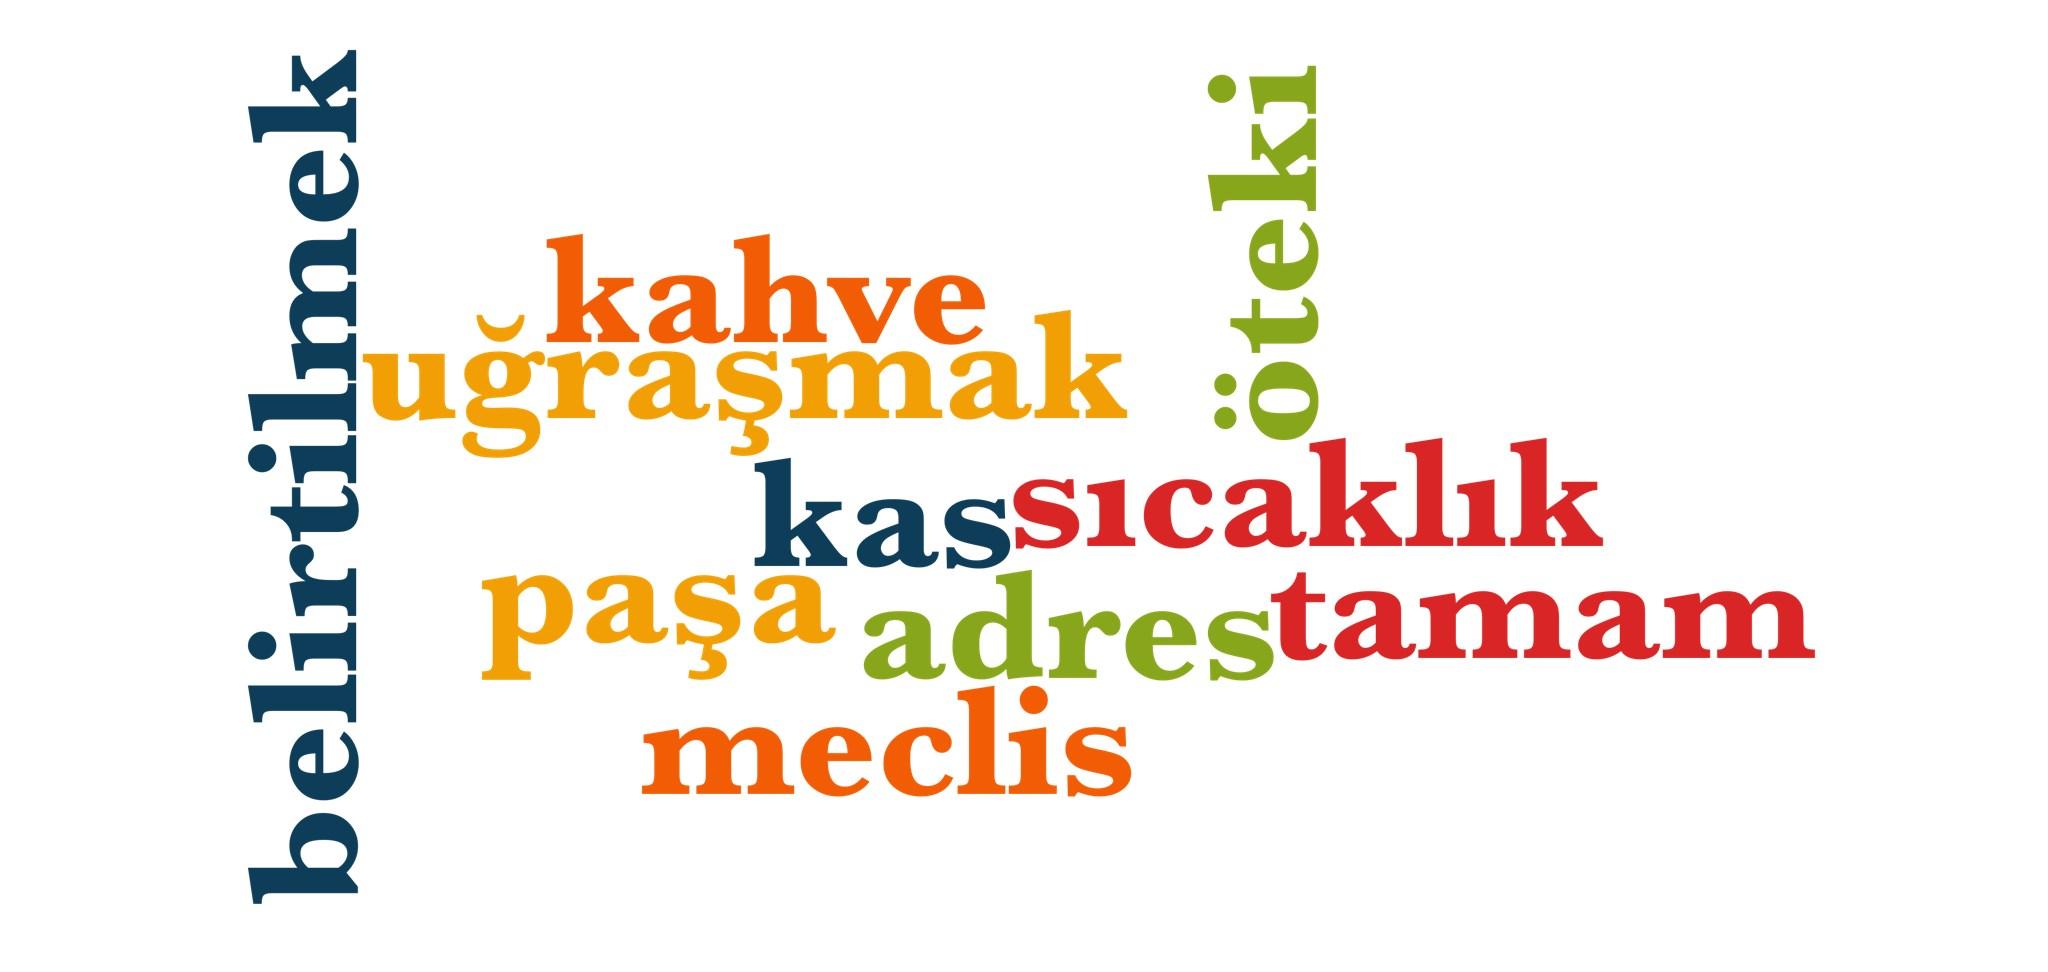 Wörter 961 bis 970 der 1000 häufigsten Wörter der türkischen Sprache